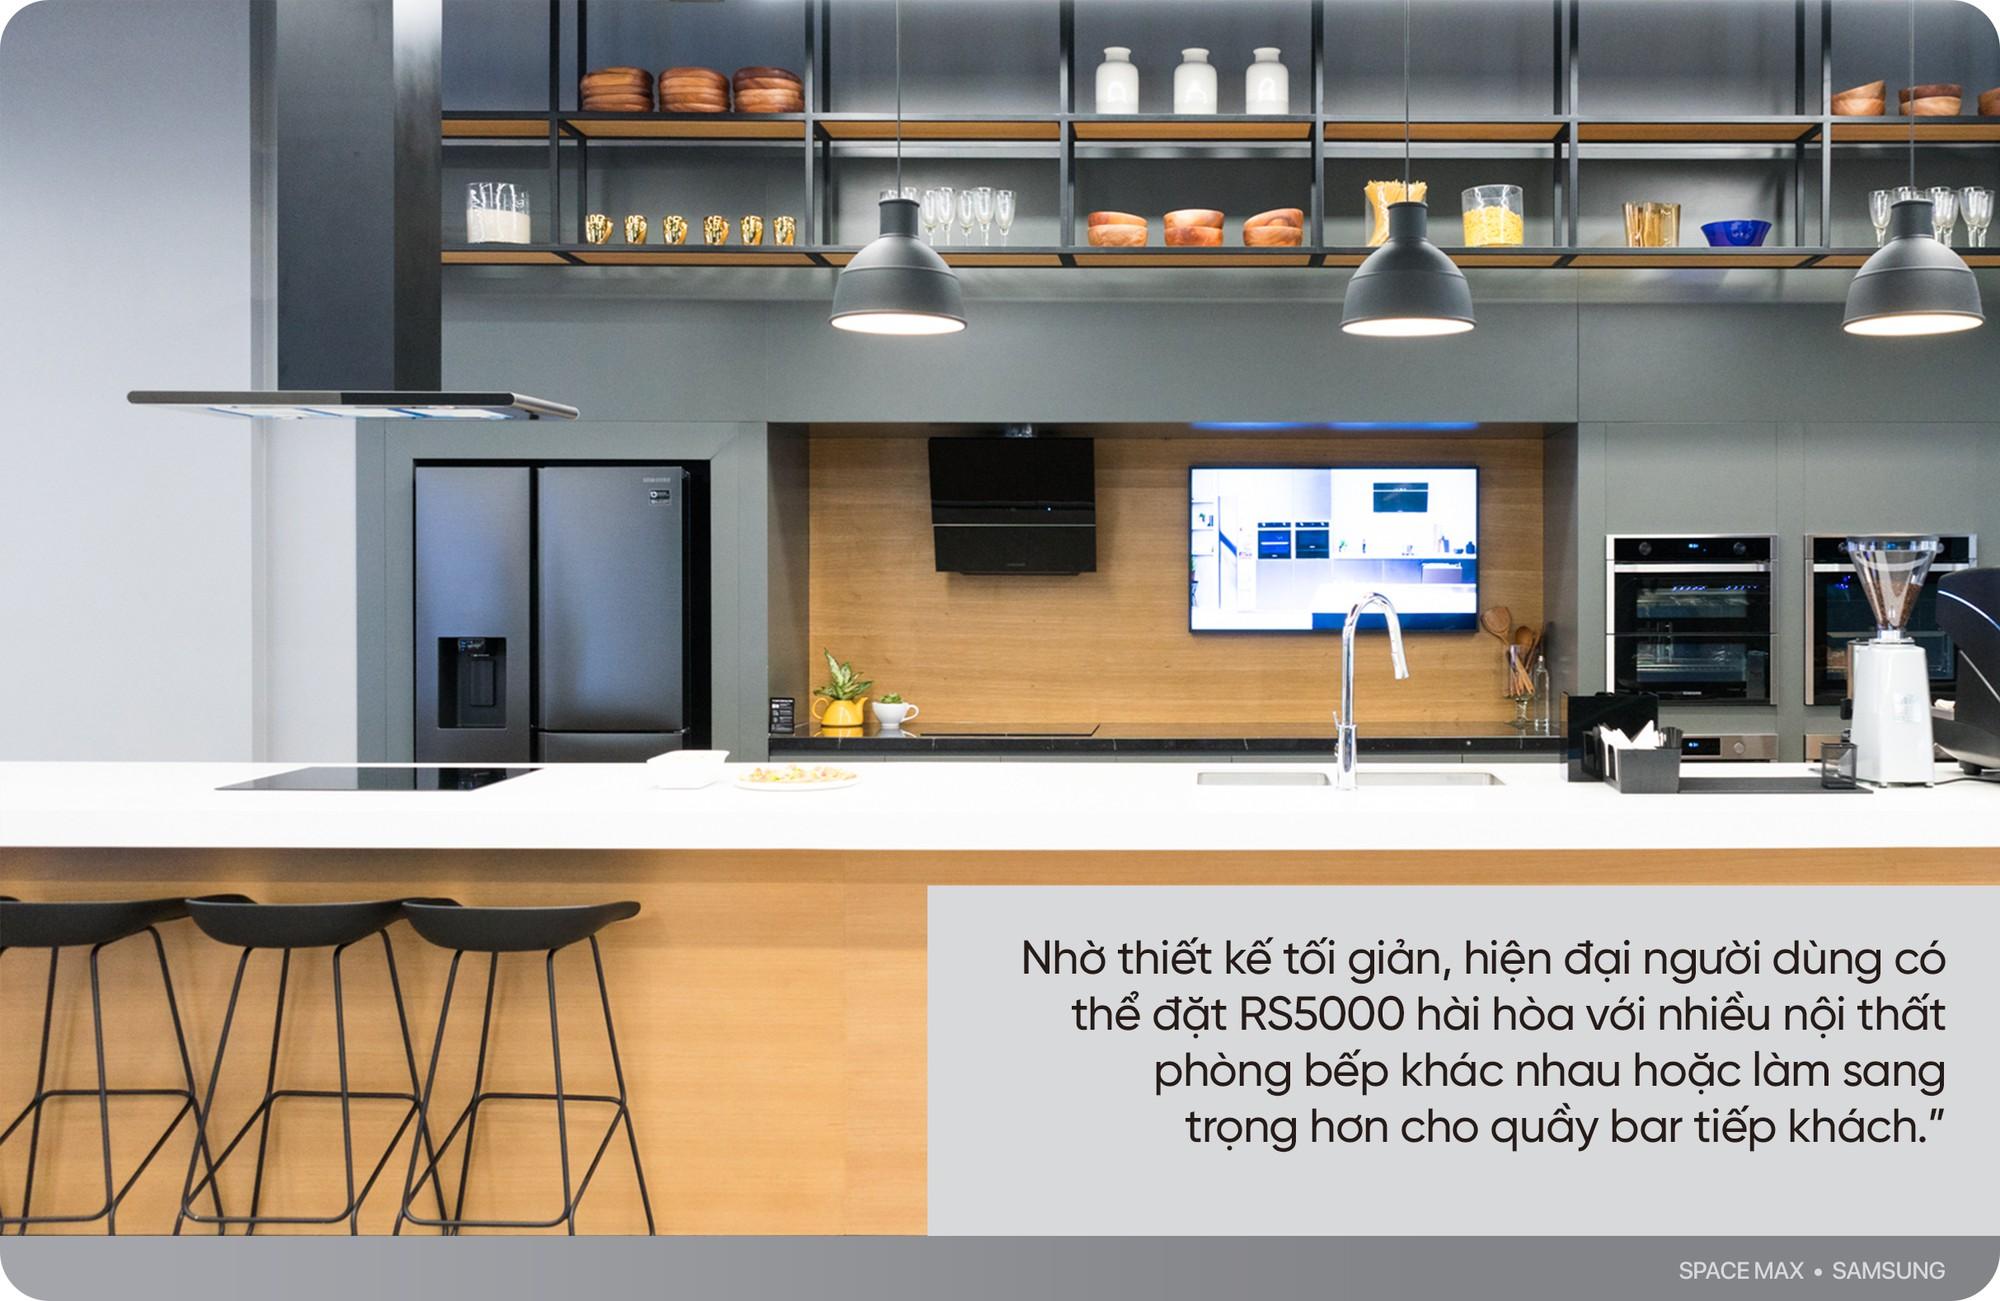 Chiếc tủ lạnh mới của Samsung đã giải quyết trọn vẹn nhu cầu của người dùng như thế nào - Ảnh 3.